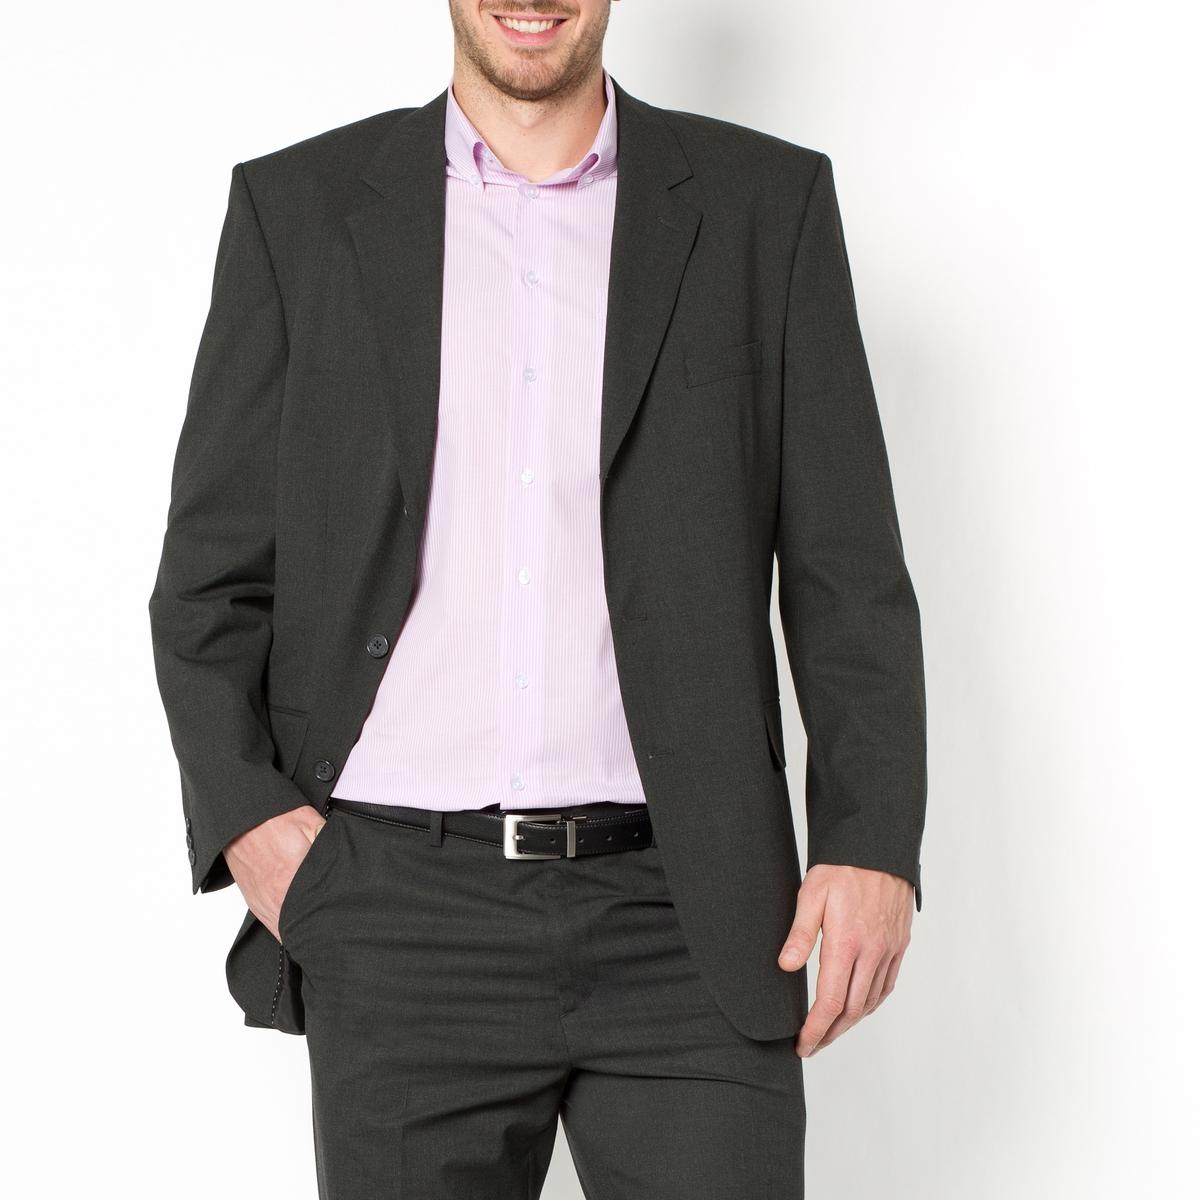 Пиджак костюмный, стрейч, размер 1Полностью на подкладке, 100% полиэстер. Размер 1 : рост до 1,76 м.Прямой покрой, 3 пуговицы. Шлица сзади. 1 нагрудный карман и 2 кармана с клапаном спереди, 3 внутренних кармана. 3 пуговицы на рукавах. Контрастная отделка видимым швом.Существует также в размере 2 (на рост от 176 до 187 см)и в размере 3 (на рост от 187 см).<br><br>Цвет: антрацит,темно-синий<br>Размер: 58.54